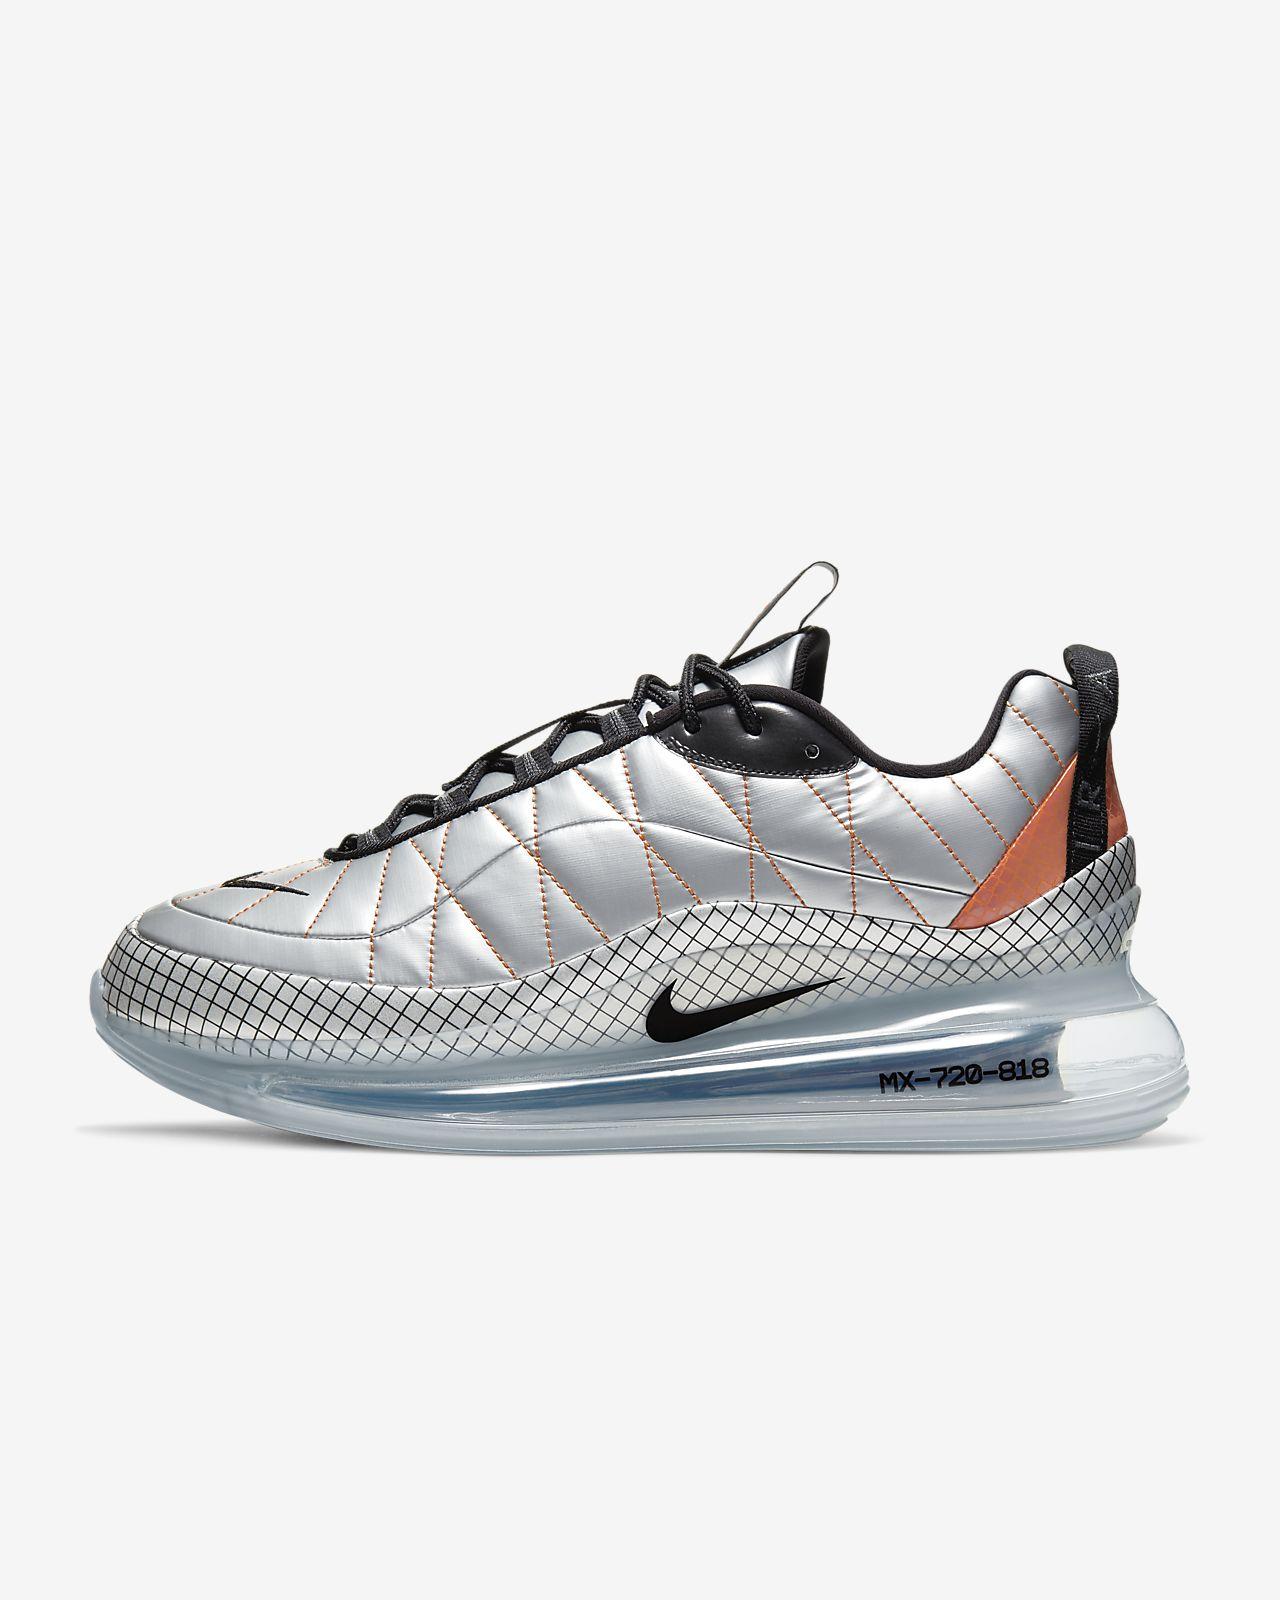 Nike MX 720 818 Herrenschuh